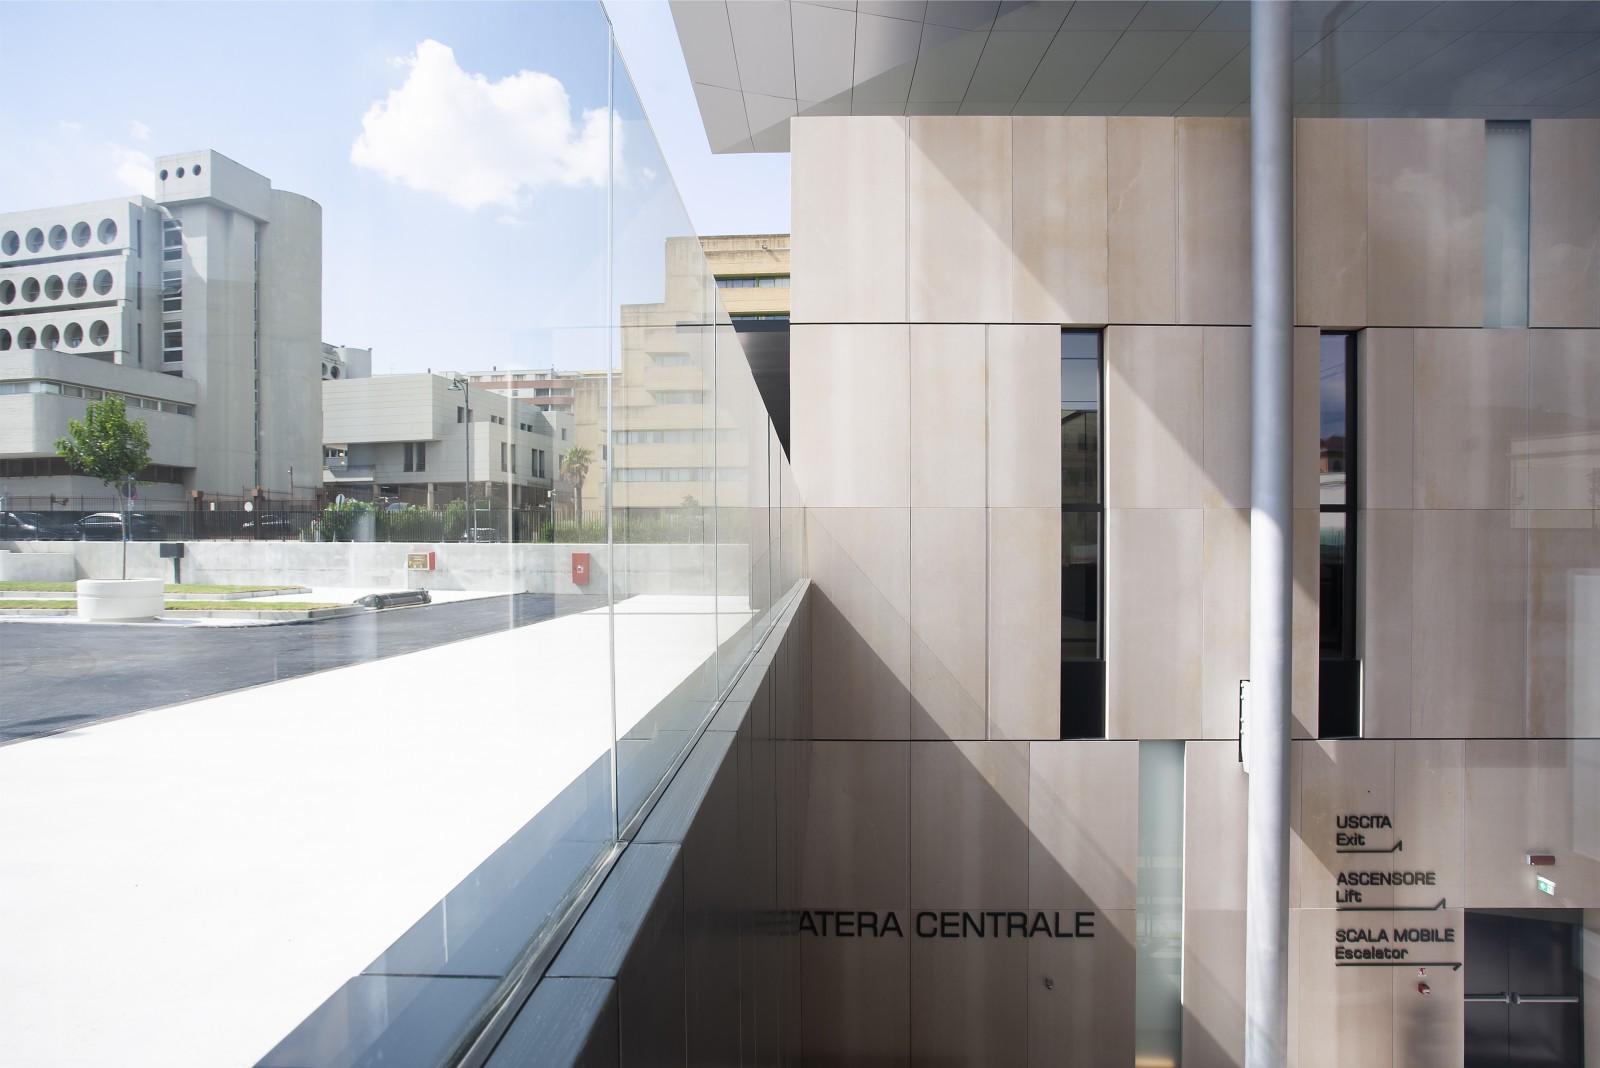 Matera Centrale